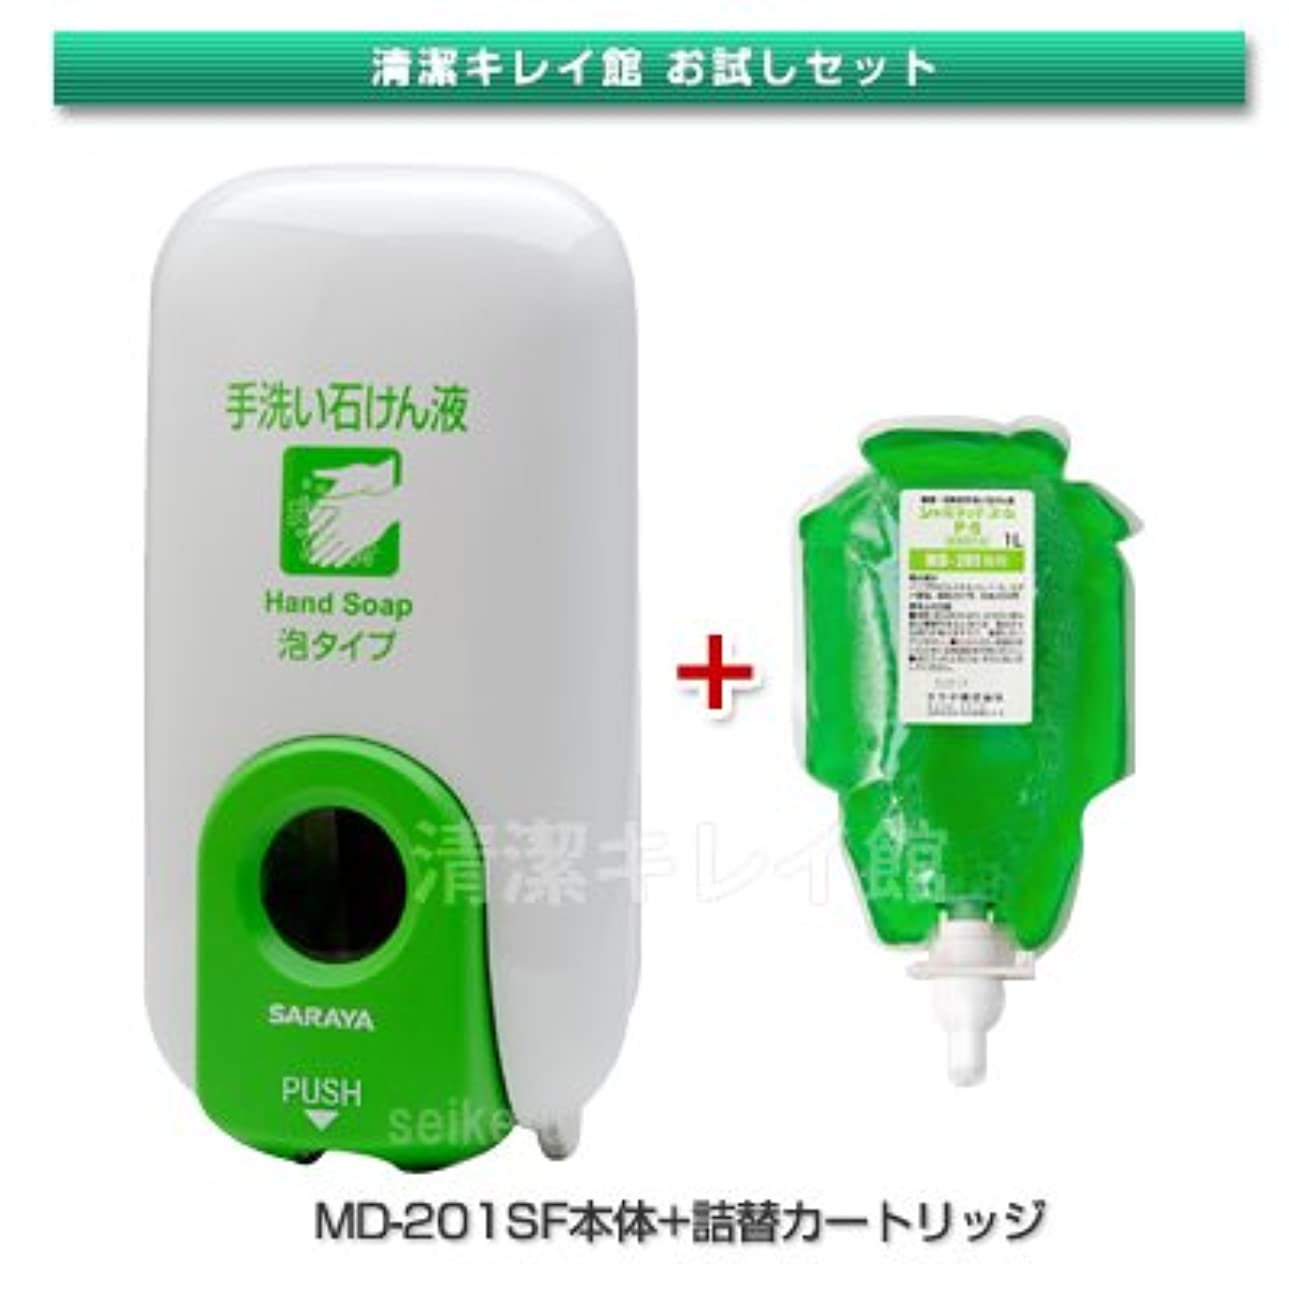 賢明なエコー保存するサラヤ プッシュ式石鹸液 MD-201SF(泡)【清潔キレイ館お試しセット】(本体とカートリッジ/ユムP-5)